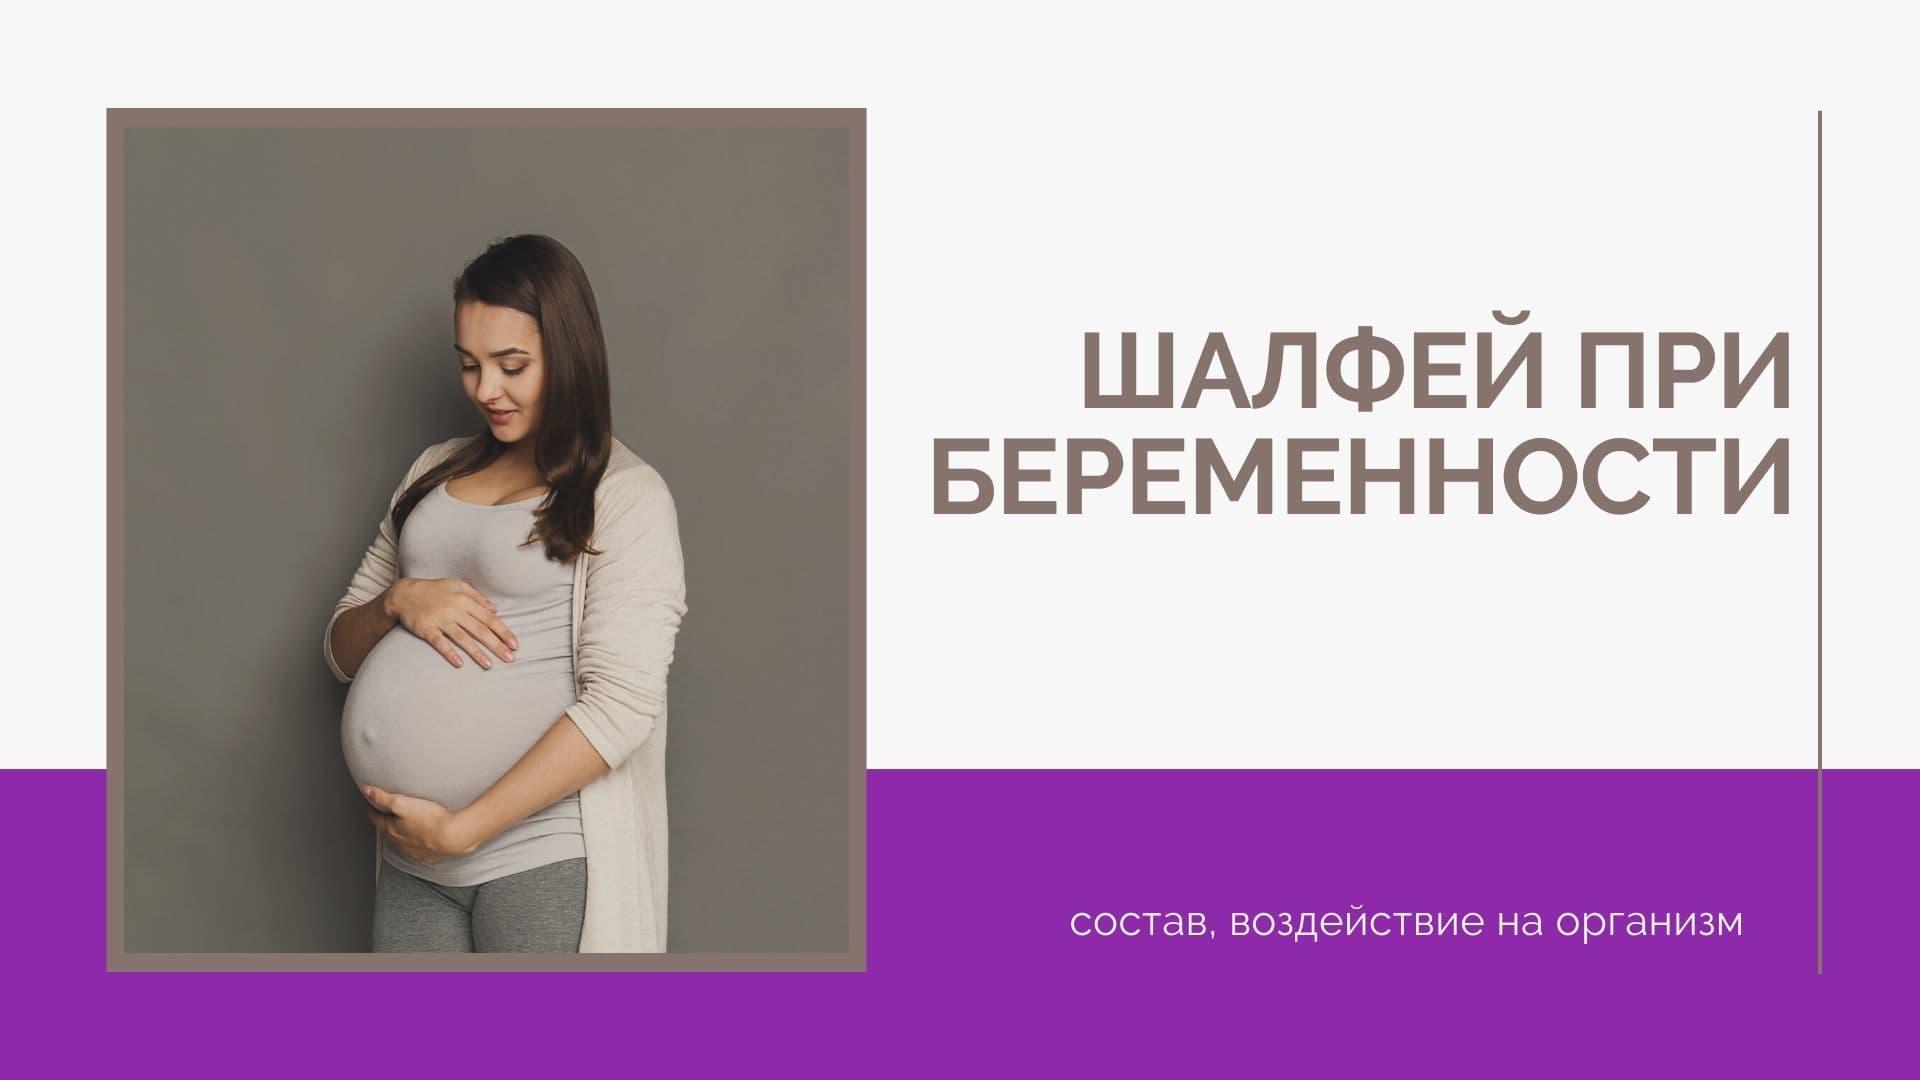 Шалфей при беременности: состав, воздействие на организм